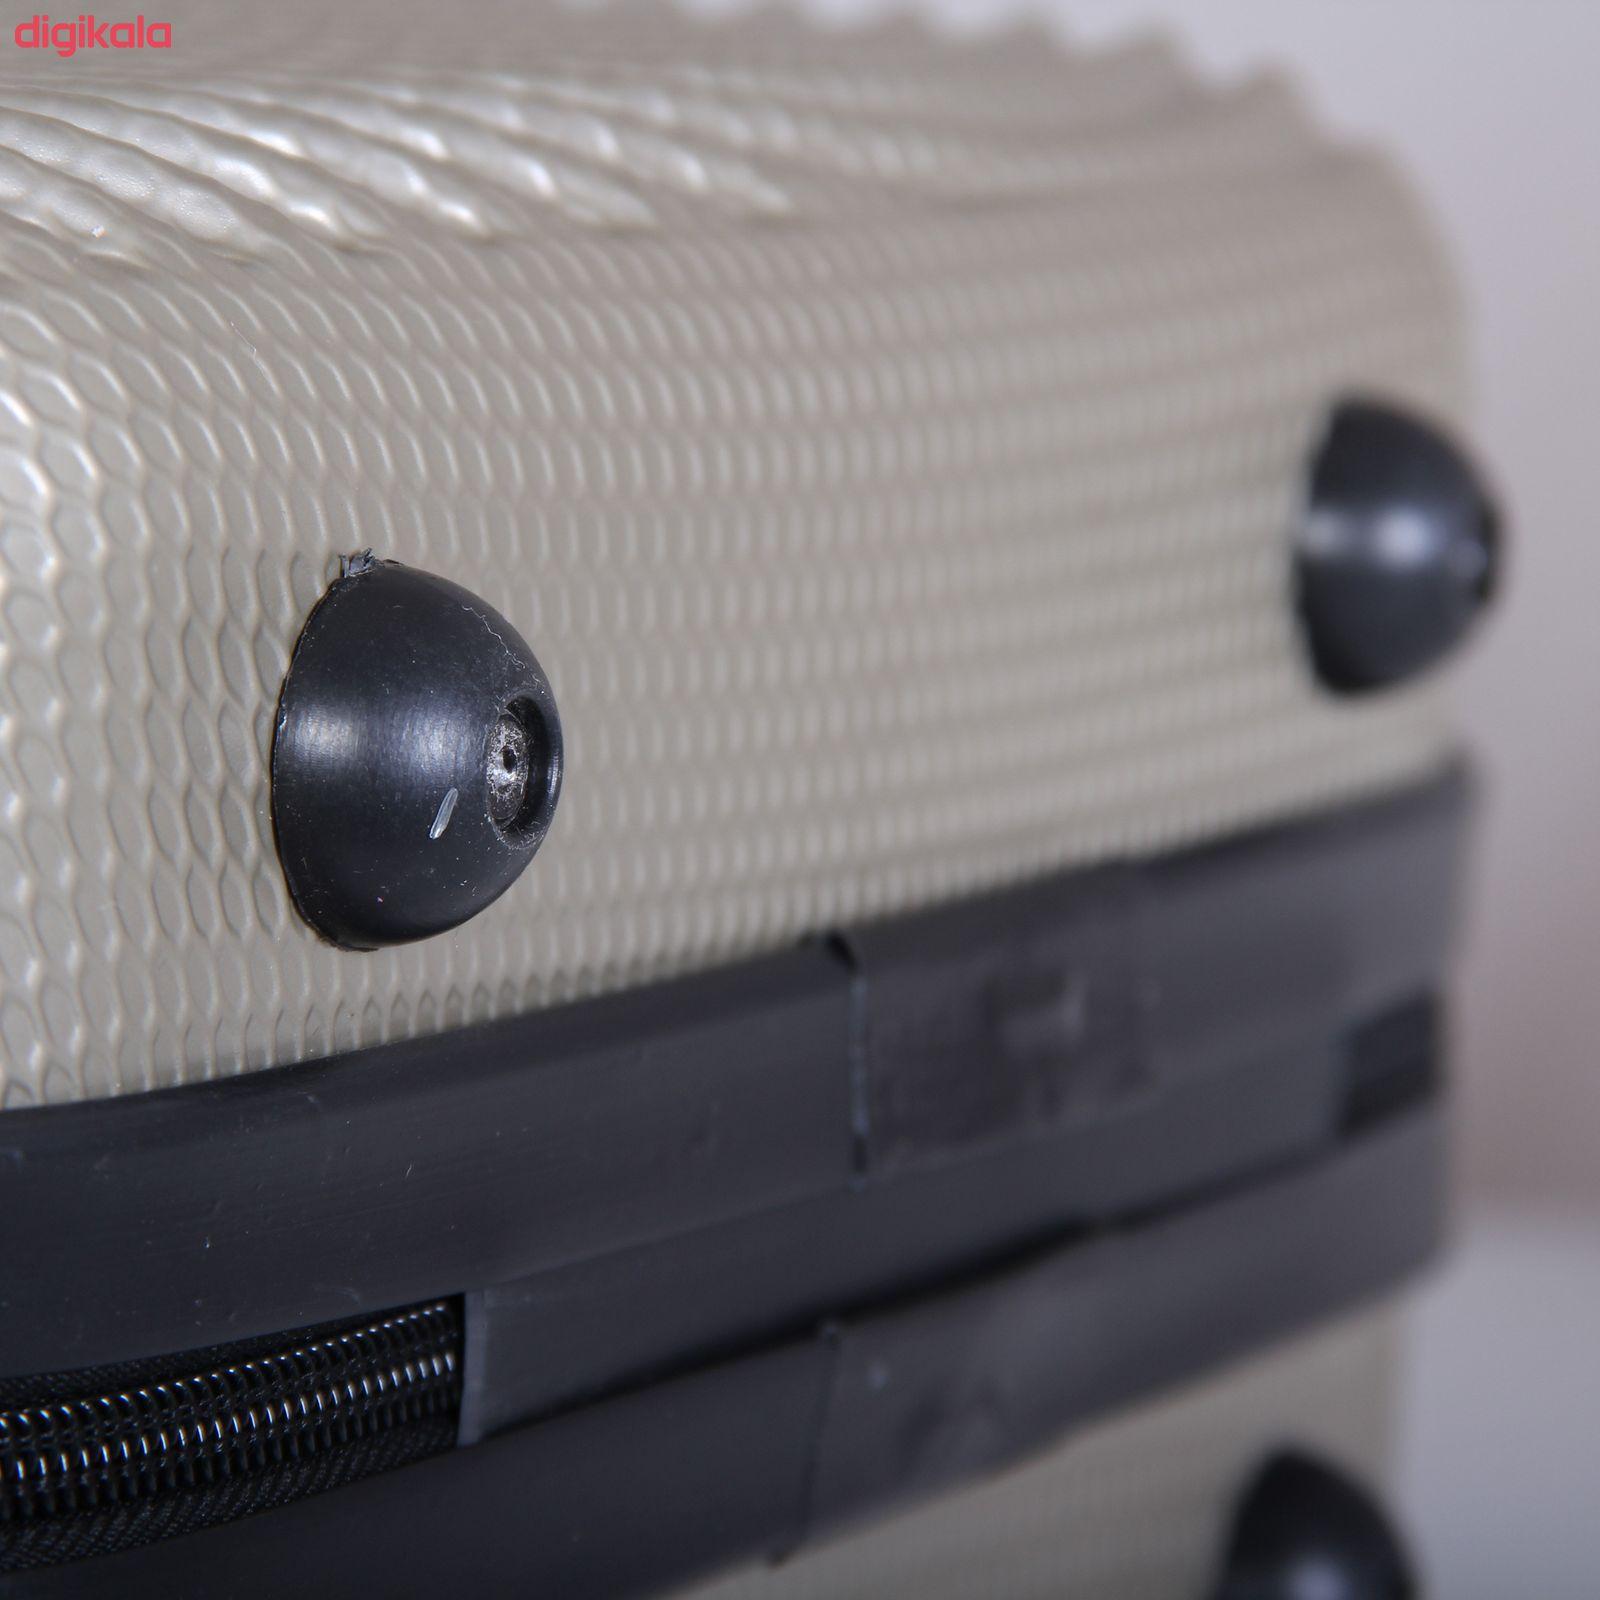 مجموعه چهار عددی چمدان اسپرت من مدل NS001 main 1 53